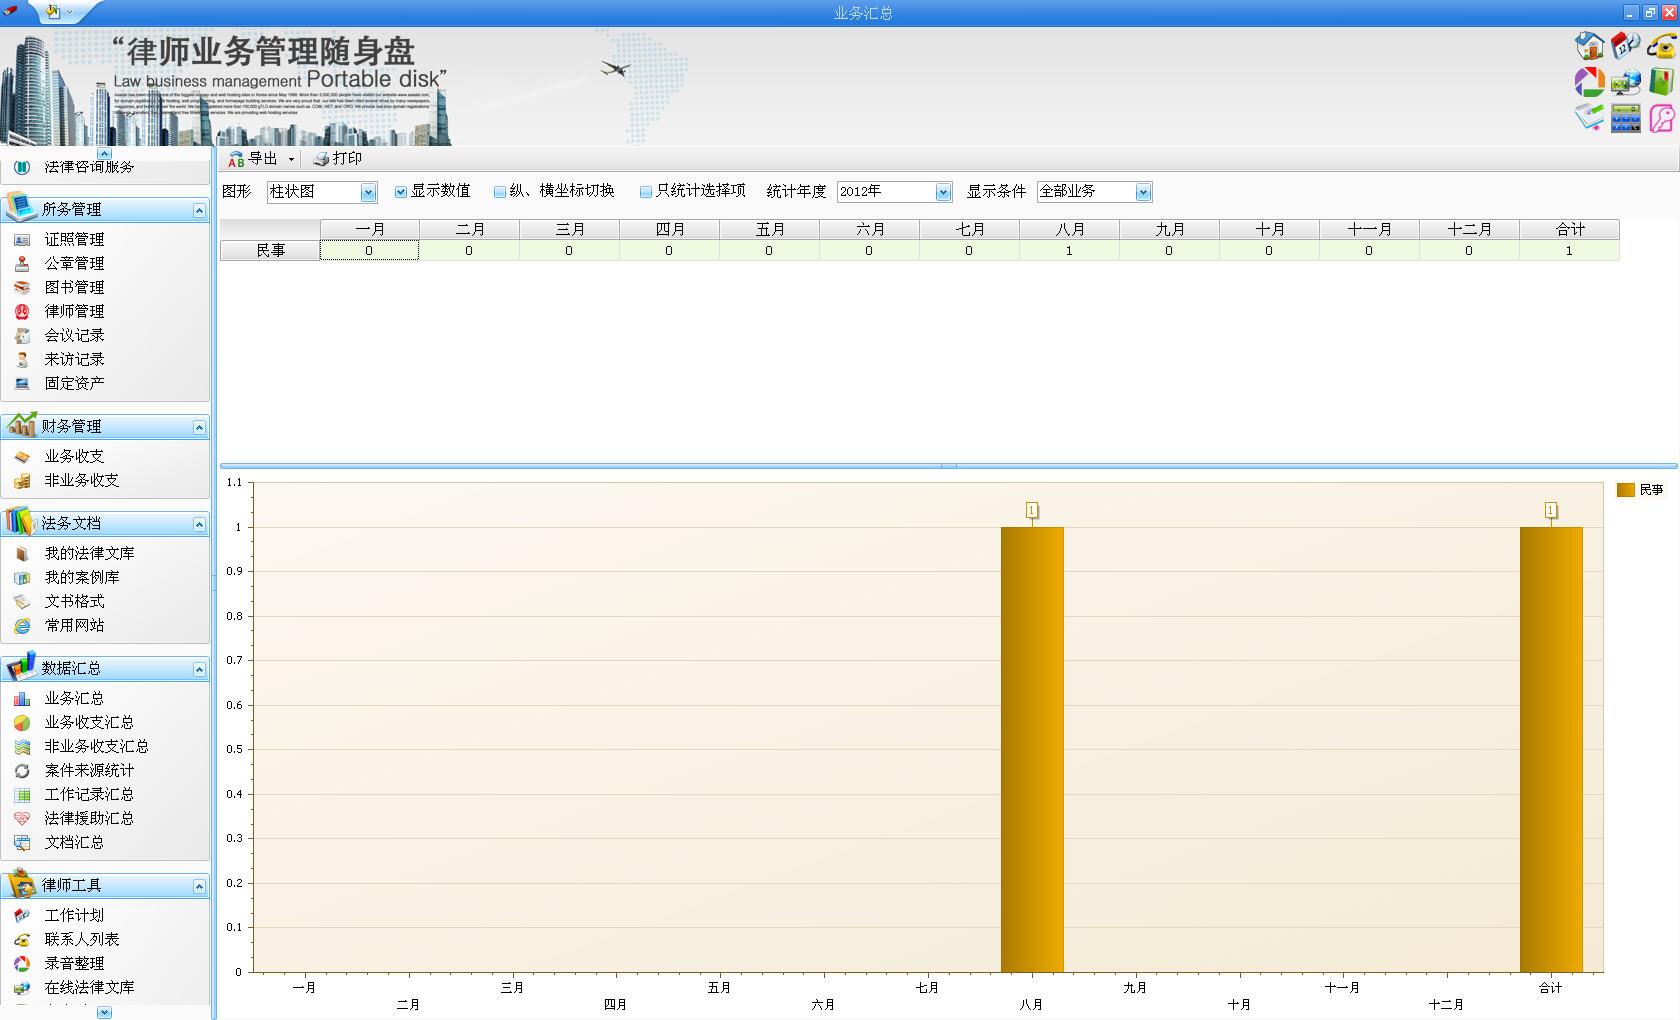 律师业务管理随身盘V13.3.17.25 试用版